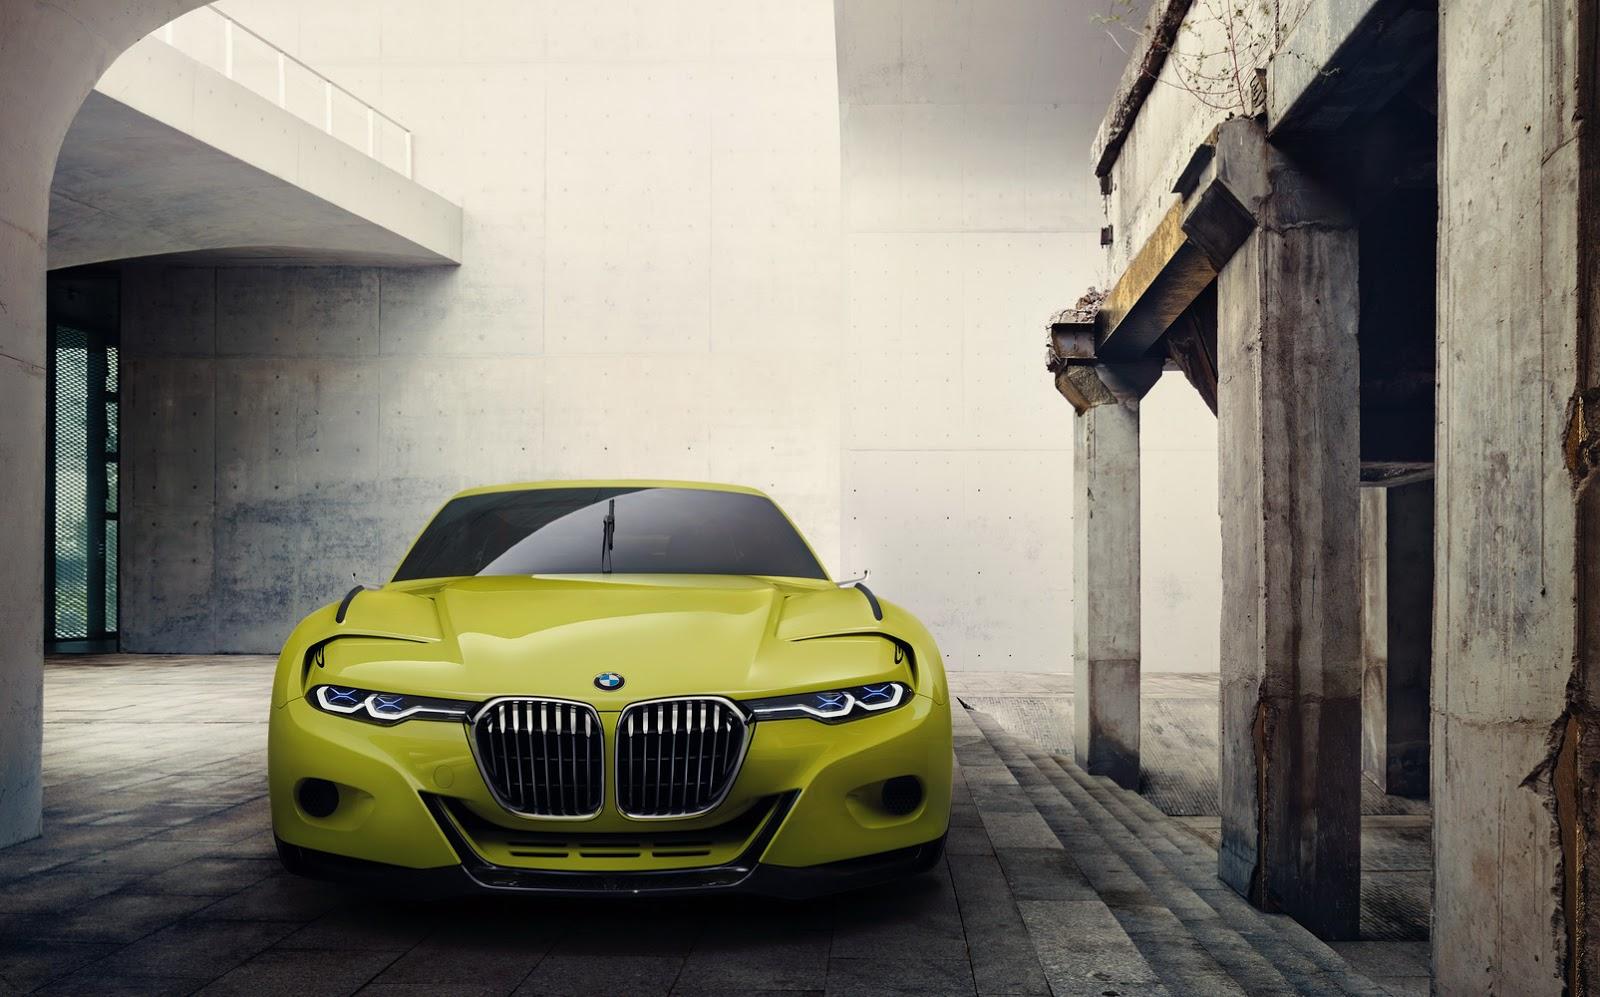 2015 -[BMW] 3.0 CSL Hommage - Page 2 BMW-3-0-CSL-Hommage-10